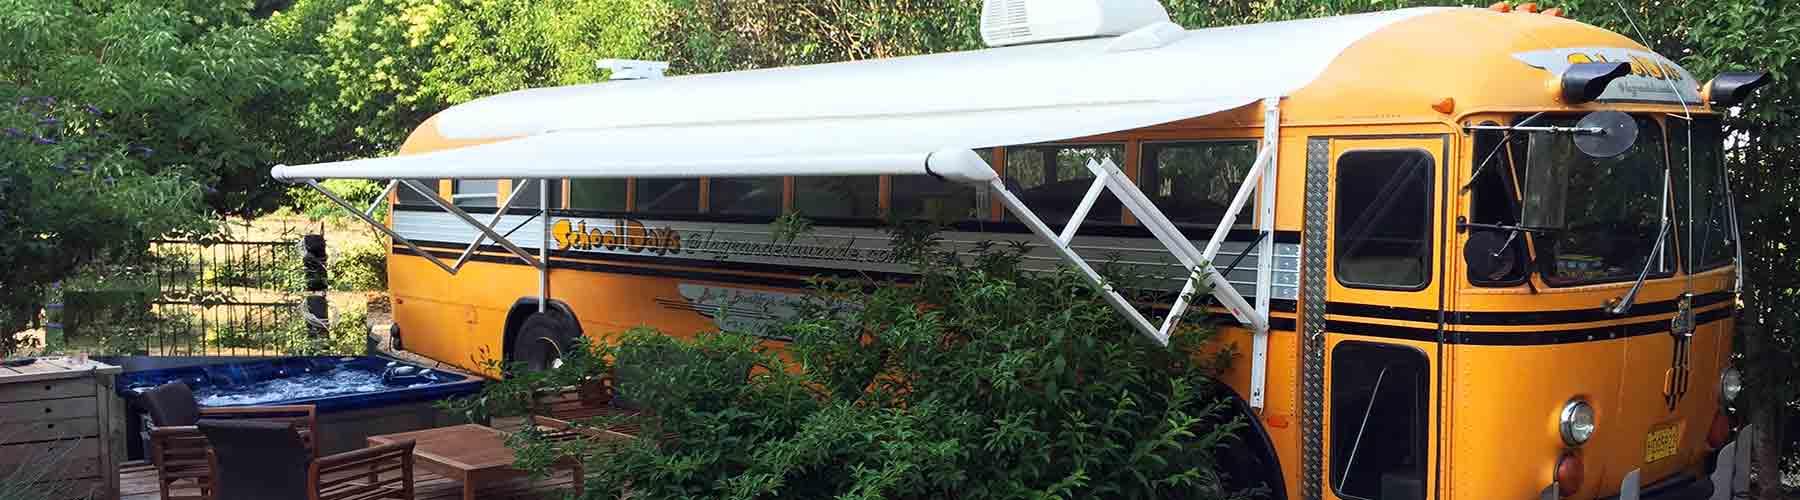 chambre bus hbergement insolite originale jacuzzi schoolbus Crown